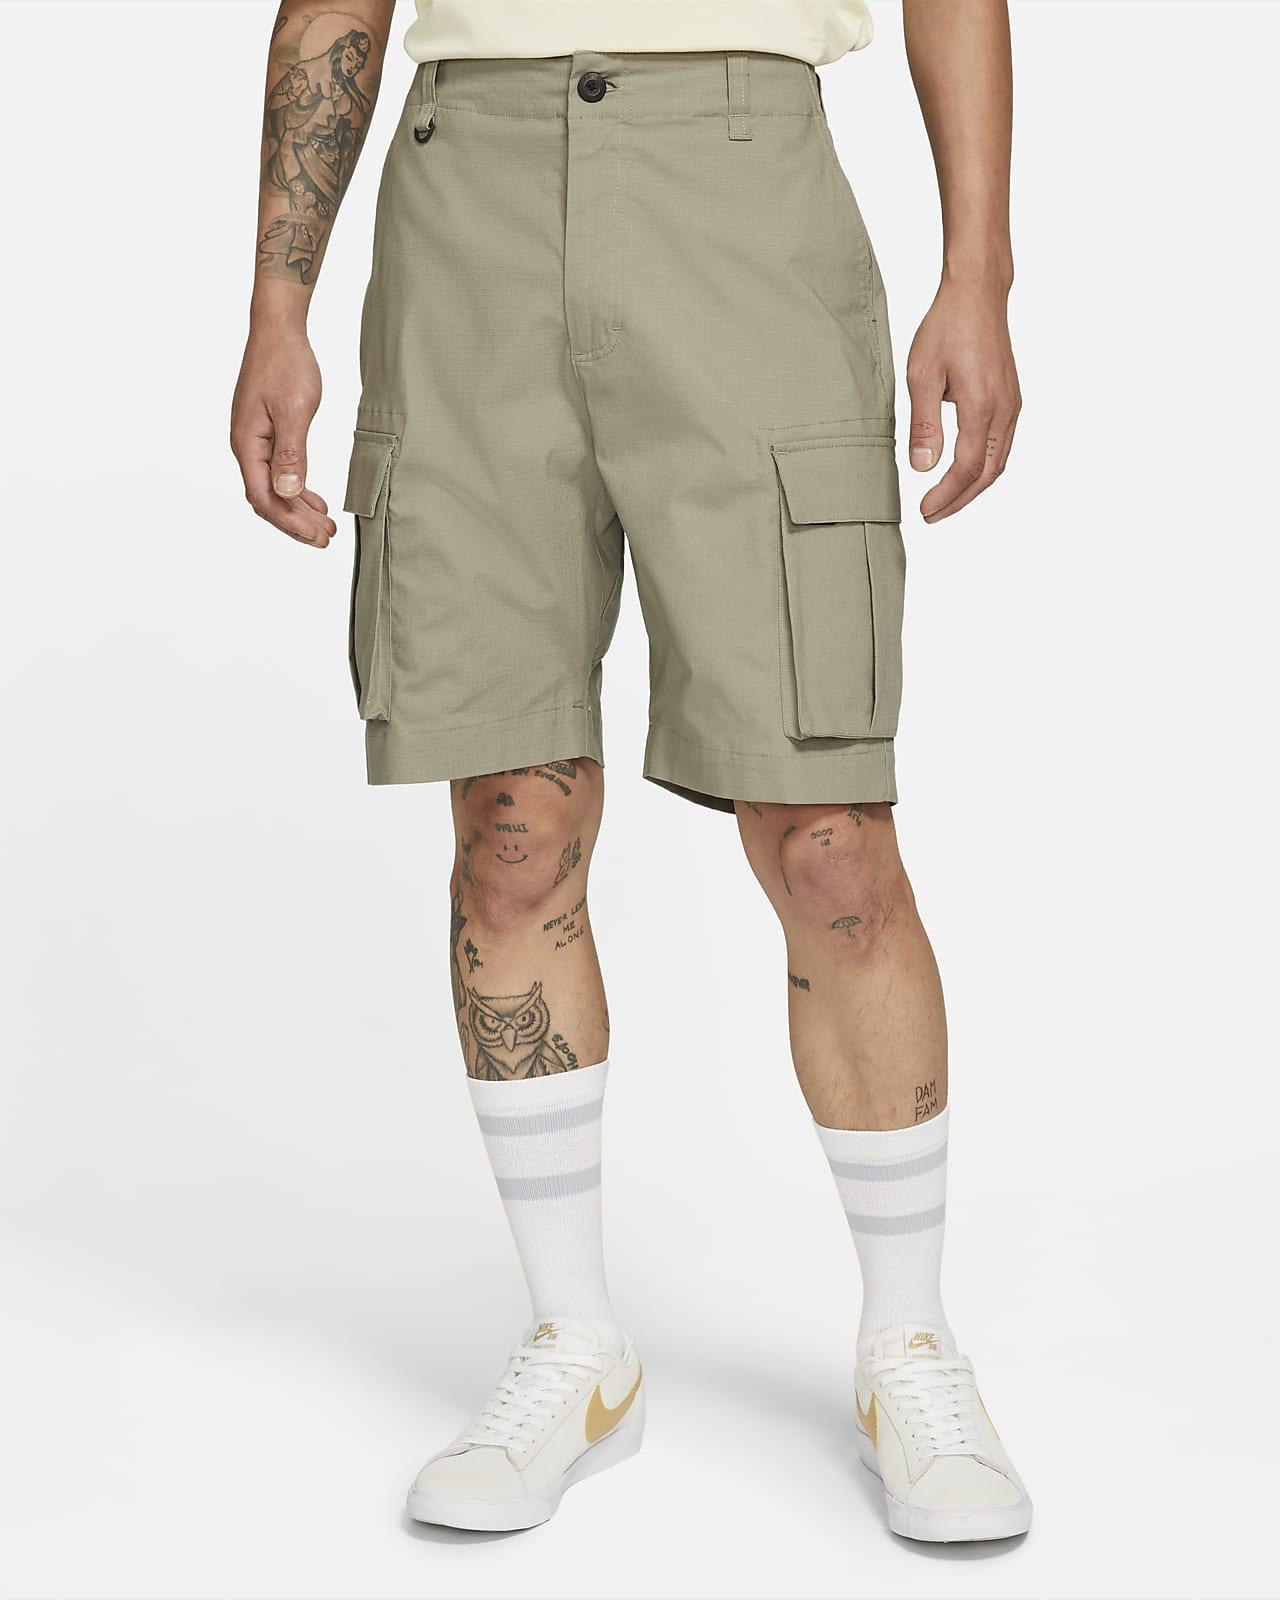 Nike SB 男子滑板工装短裤